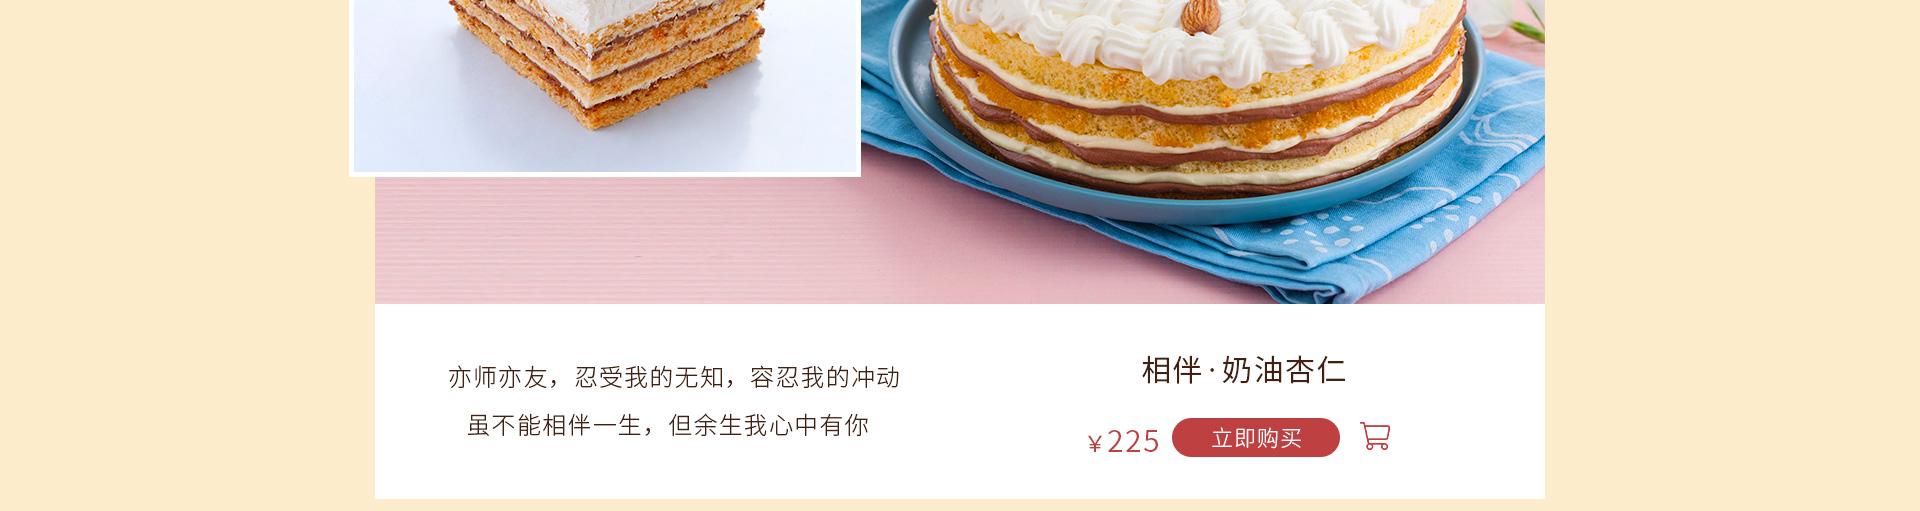 相伴|奶油杏仁蛋糕 在线订购